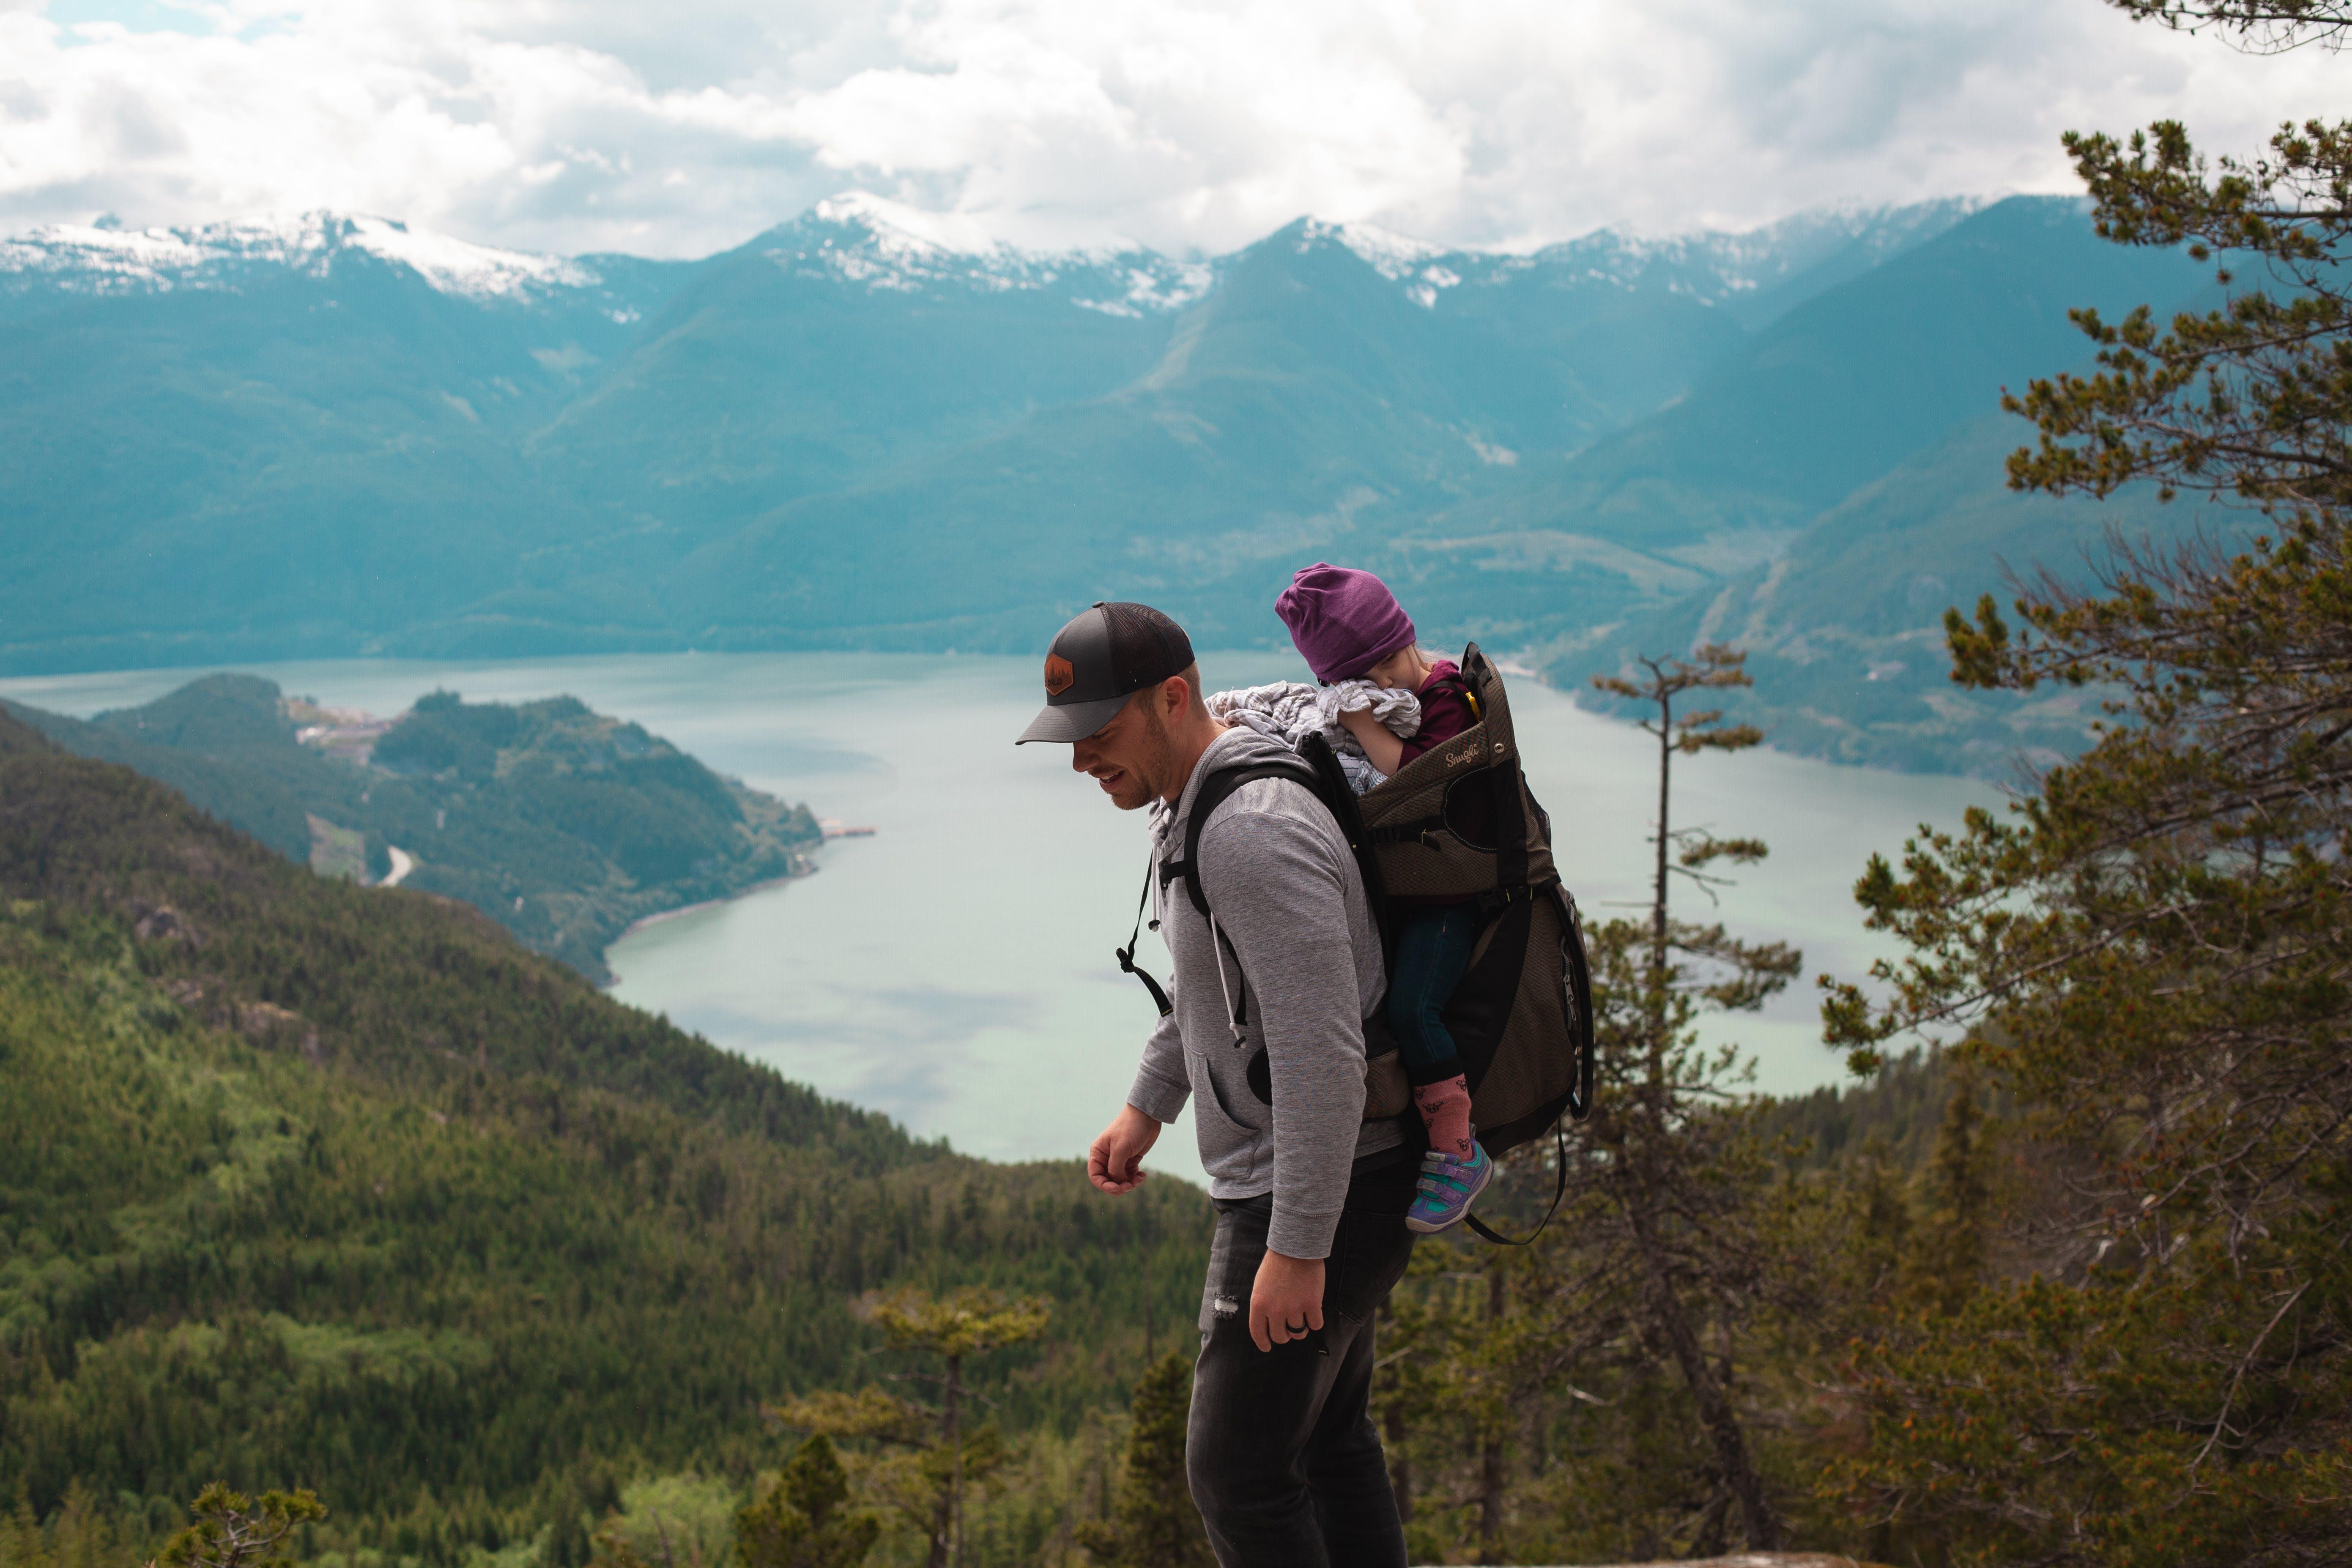 Man Carrying Baby Near Lake